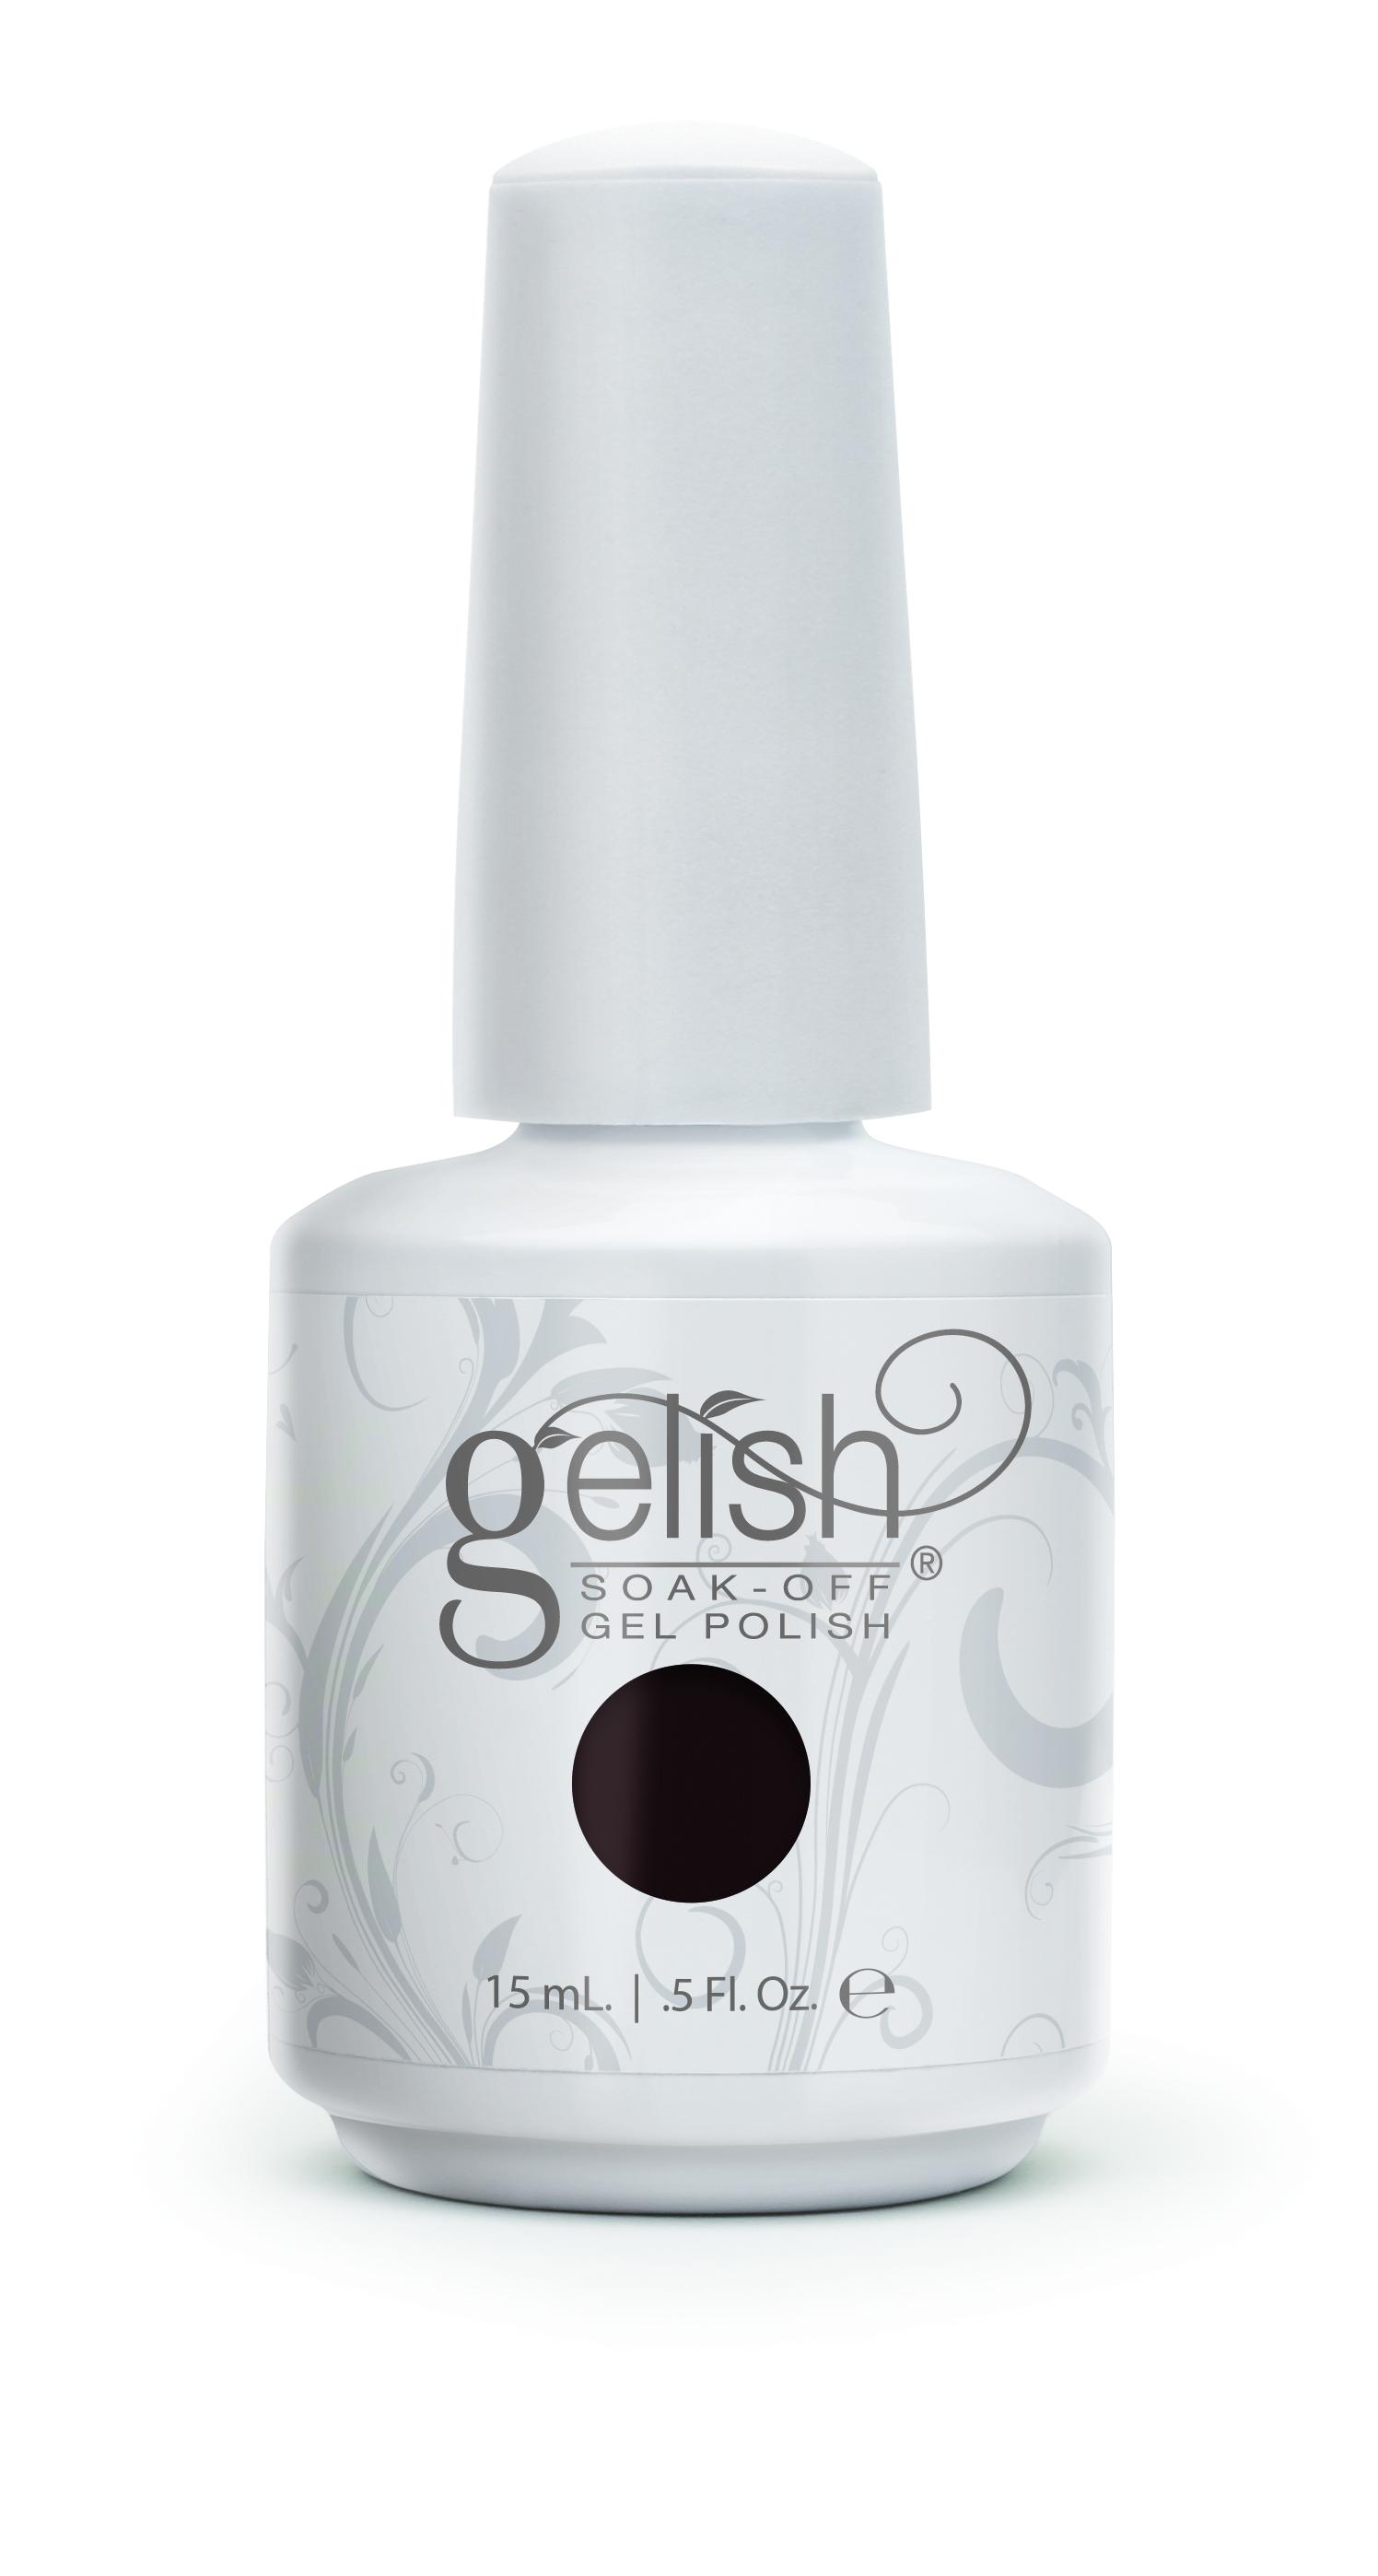 GELISH Гель-лак Pumps Or Cowboy Boots? / GELISH 15млГель-лаки<br>Гель-лак Gelish наносится на ноготь как лак, с помощью кисточки под колпачком. Процедура нанесения схожа с&amp;nbsp;нанесением обычного цветного покрытия. Все гель-лаки Harmony Gelish выполняют функцию еще и укрепляющего геля, делая ногти более прочными и длинными. Ногти клиента находятся под защитой гель-лака, они не ломаются и не расслаиваются. Гель-лаки Gelish после сушки в LED или УФ лампах держатся на натуральных ногтях рук до 3 недель, а на ногтях ног до 5 недель. Способ применения: Подготовительный этап. Для начала нужно сделать маникюр. В зависимости от ваших предпочтений это может быть европейский, классический обрезной, СПА или аппаратный маникюр. Главное, сдвинуть кутикулу с ногтевого ложа и удалить ороговевшие участки кожи вокруг ногтей. Особенностью этой системы является то, что перед нанесением базового слоя необходимо обработать ноготь шлифовочным бафом Harmony Buffer 100/180 грит, для того, чтобы снять глянец. Это поможет улучшить сцепку покрытия с ногтем. Пыль, которая осталась после опила, излишки жира и влаги удаляются с помощью обезжиривателя Бондер / GELISH pH Bond 15&amp;nbsp;мл или любого другого дегитратора. Нанесение искусственного покрытия Harmony.&amp;nbsp; После того, как подготовительные процедуры завершены, можно приступать непосредственно к нанесению искусственного покрытия Harmony Gelish. Как и все гелевые лаки, продукцию этого бренда необходимо полимеризовать в лампе. Гель-лаки Gelish сохнут (полимеризуются) под LED или УФ лампой. Время полимеризации: В LED лампе 18G/6G = 30 секунд В LED лампе Gelish Mini Pro = 45 секунд В УФ лампах 36 Вт = 120 секунд В УФ лампе Harmony Mini Portable UV Light = 180 секунд ПРИМЕЧАНИЕ: подвергать полимеризации необходимо каждый слой гель-лакового покрытия! 1)Первым наносится тонкий слой базового покрытия Gelish Foundation Soak Off Base Gel 15 мл. 2)Следующий шаг   нанесение цветного гель-лака Harmony Gelish.&amp;nbsp; 3)Заключительный эта